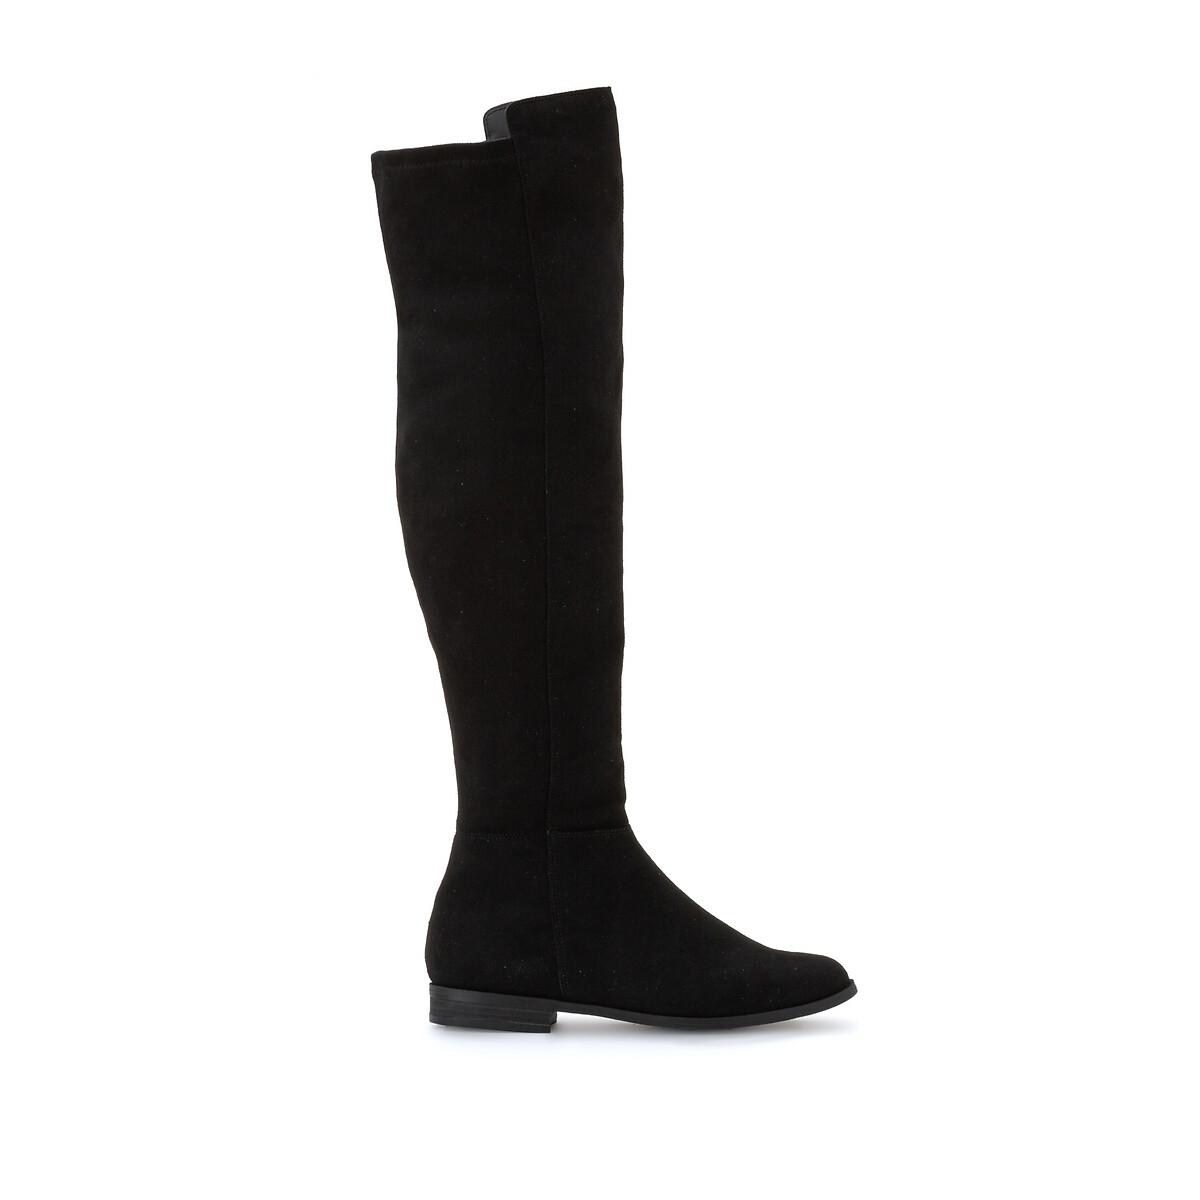 Сапоги-ботфорты La Redoute На плоском каблуке 39 черный цена 2017